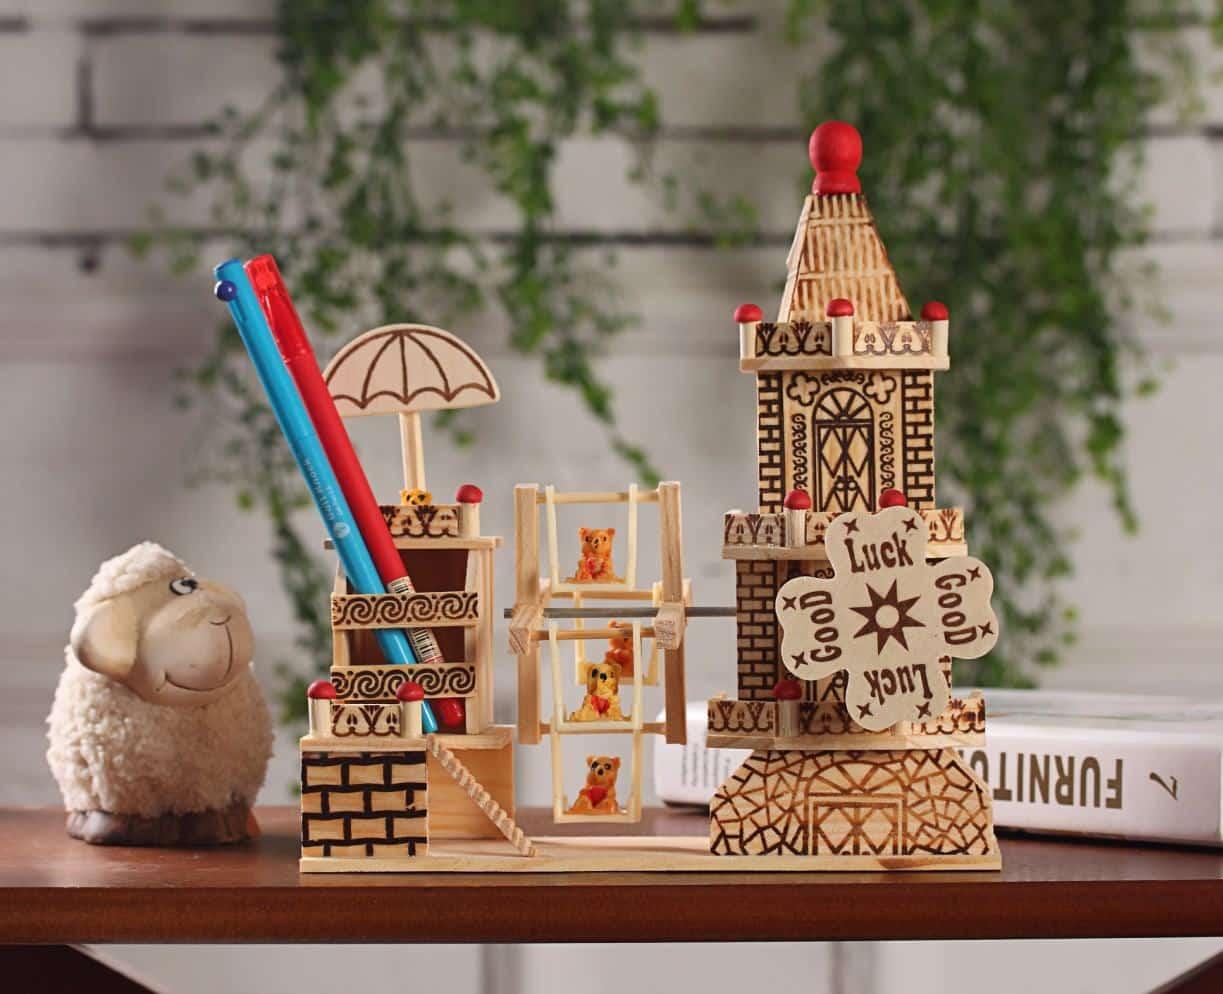 Quà lưu niệm ngôi nhà làm bằng gỗ rất xinh Mua Bán Sỉ Lẻ Order Quảng Châu